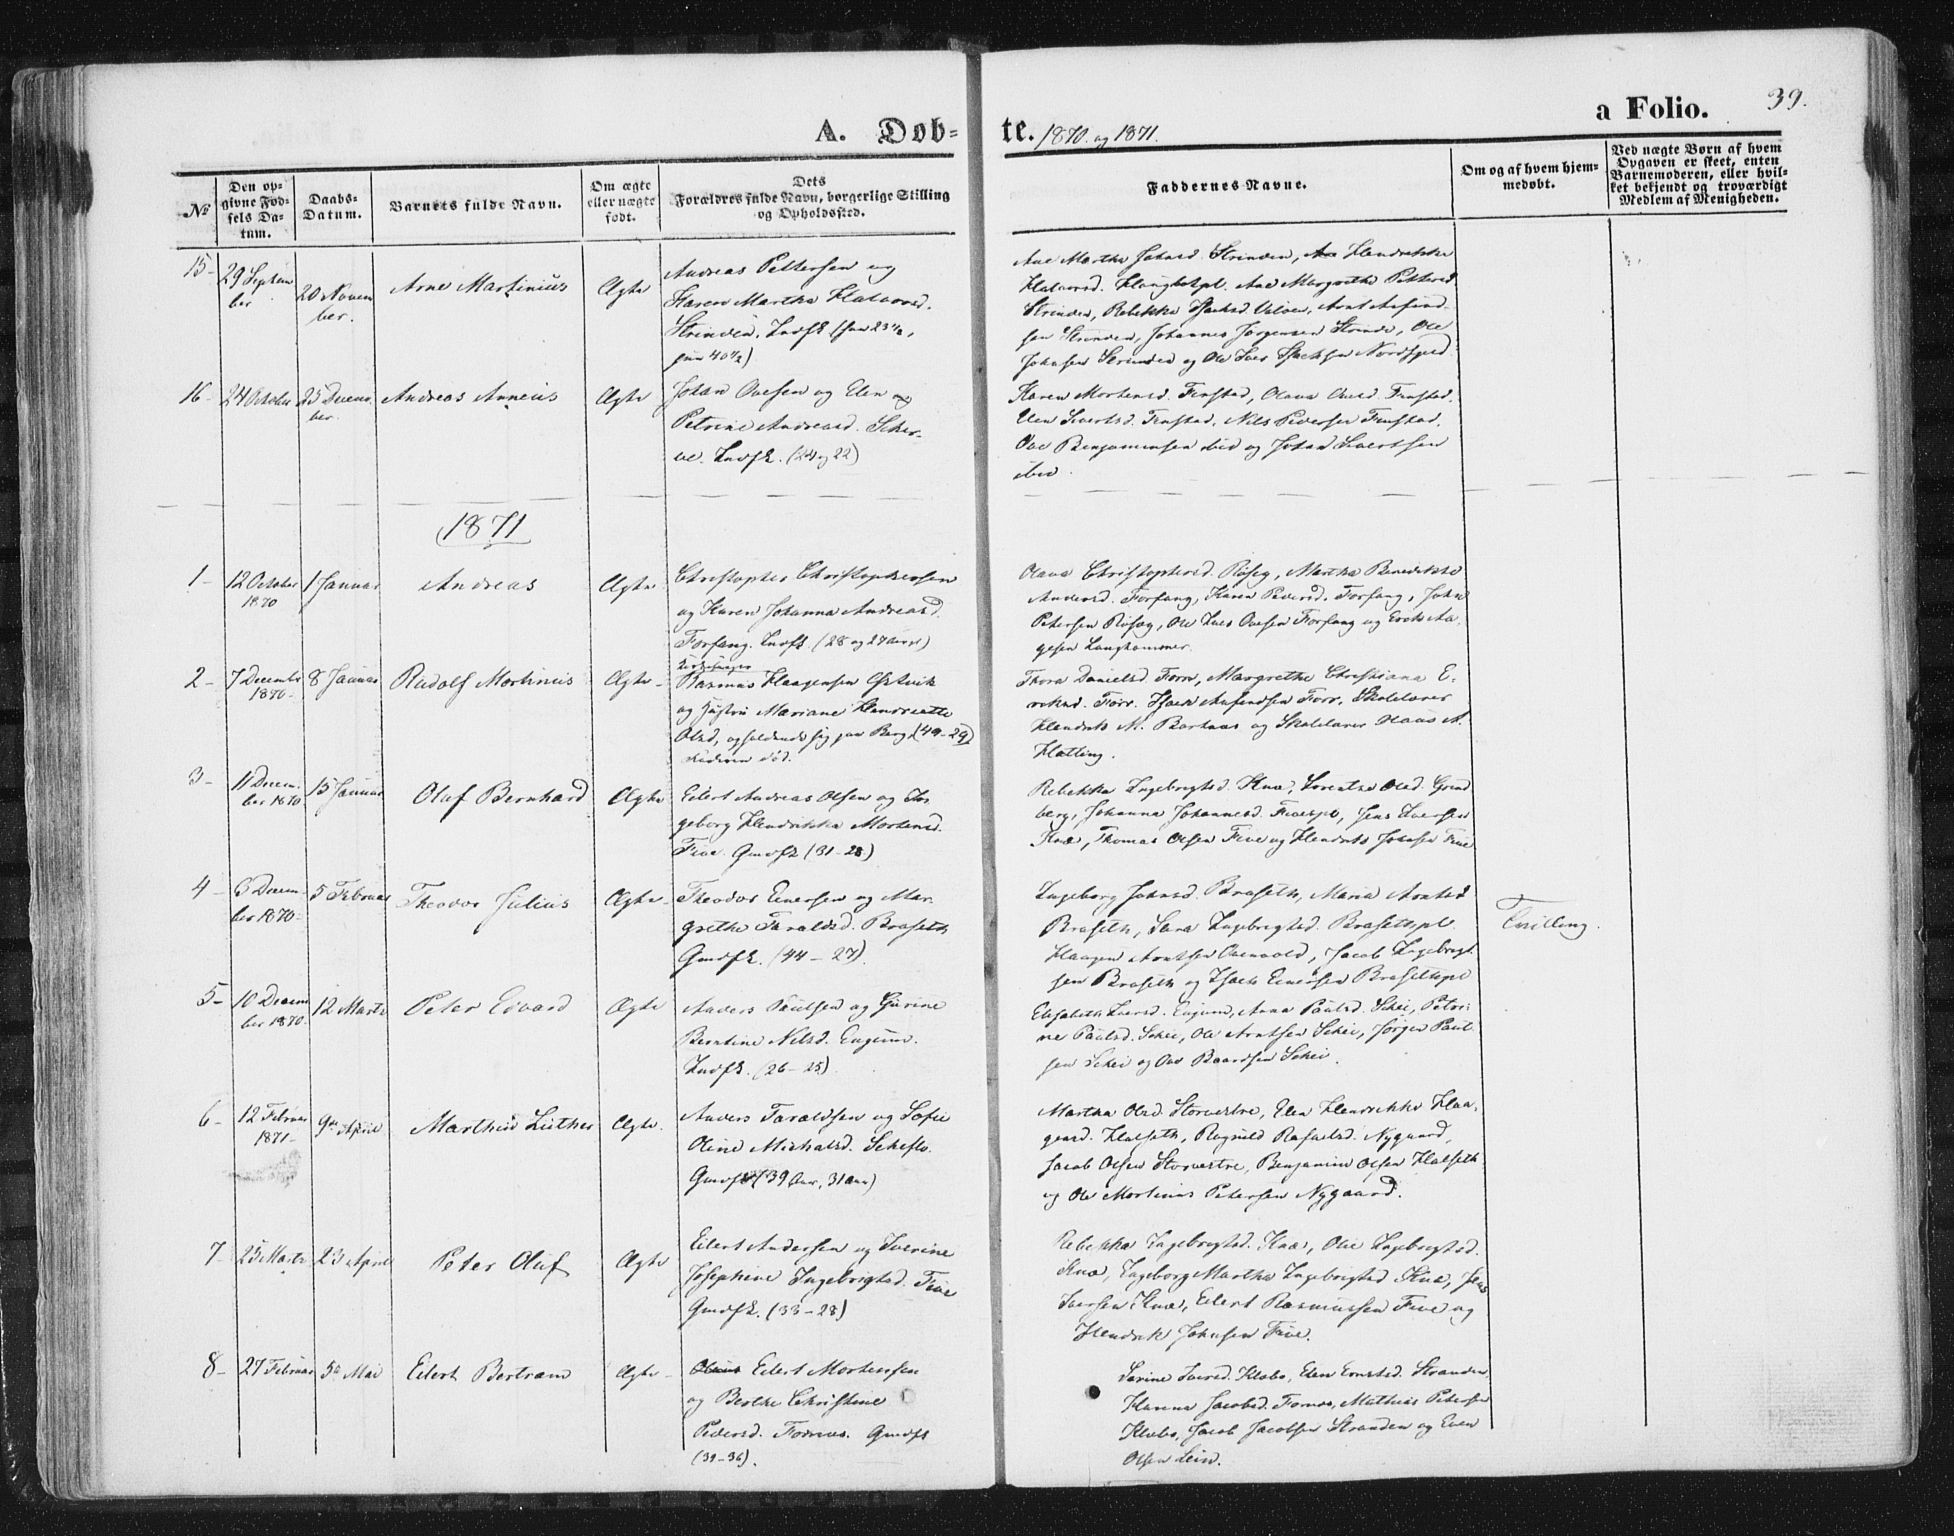 SAT, Ministerialprotokoller, klokkerbøker og fødselsregistre - Nord-Trøndelag, 746/L0447: Ministerialbok nr. 746A06, 1860-1877, s. 39